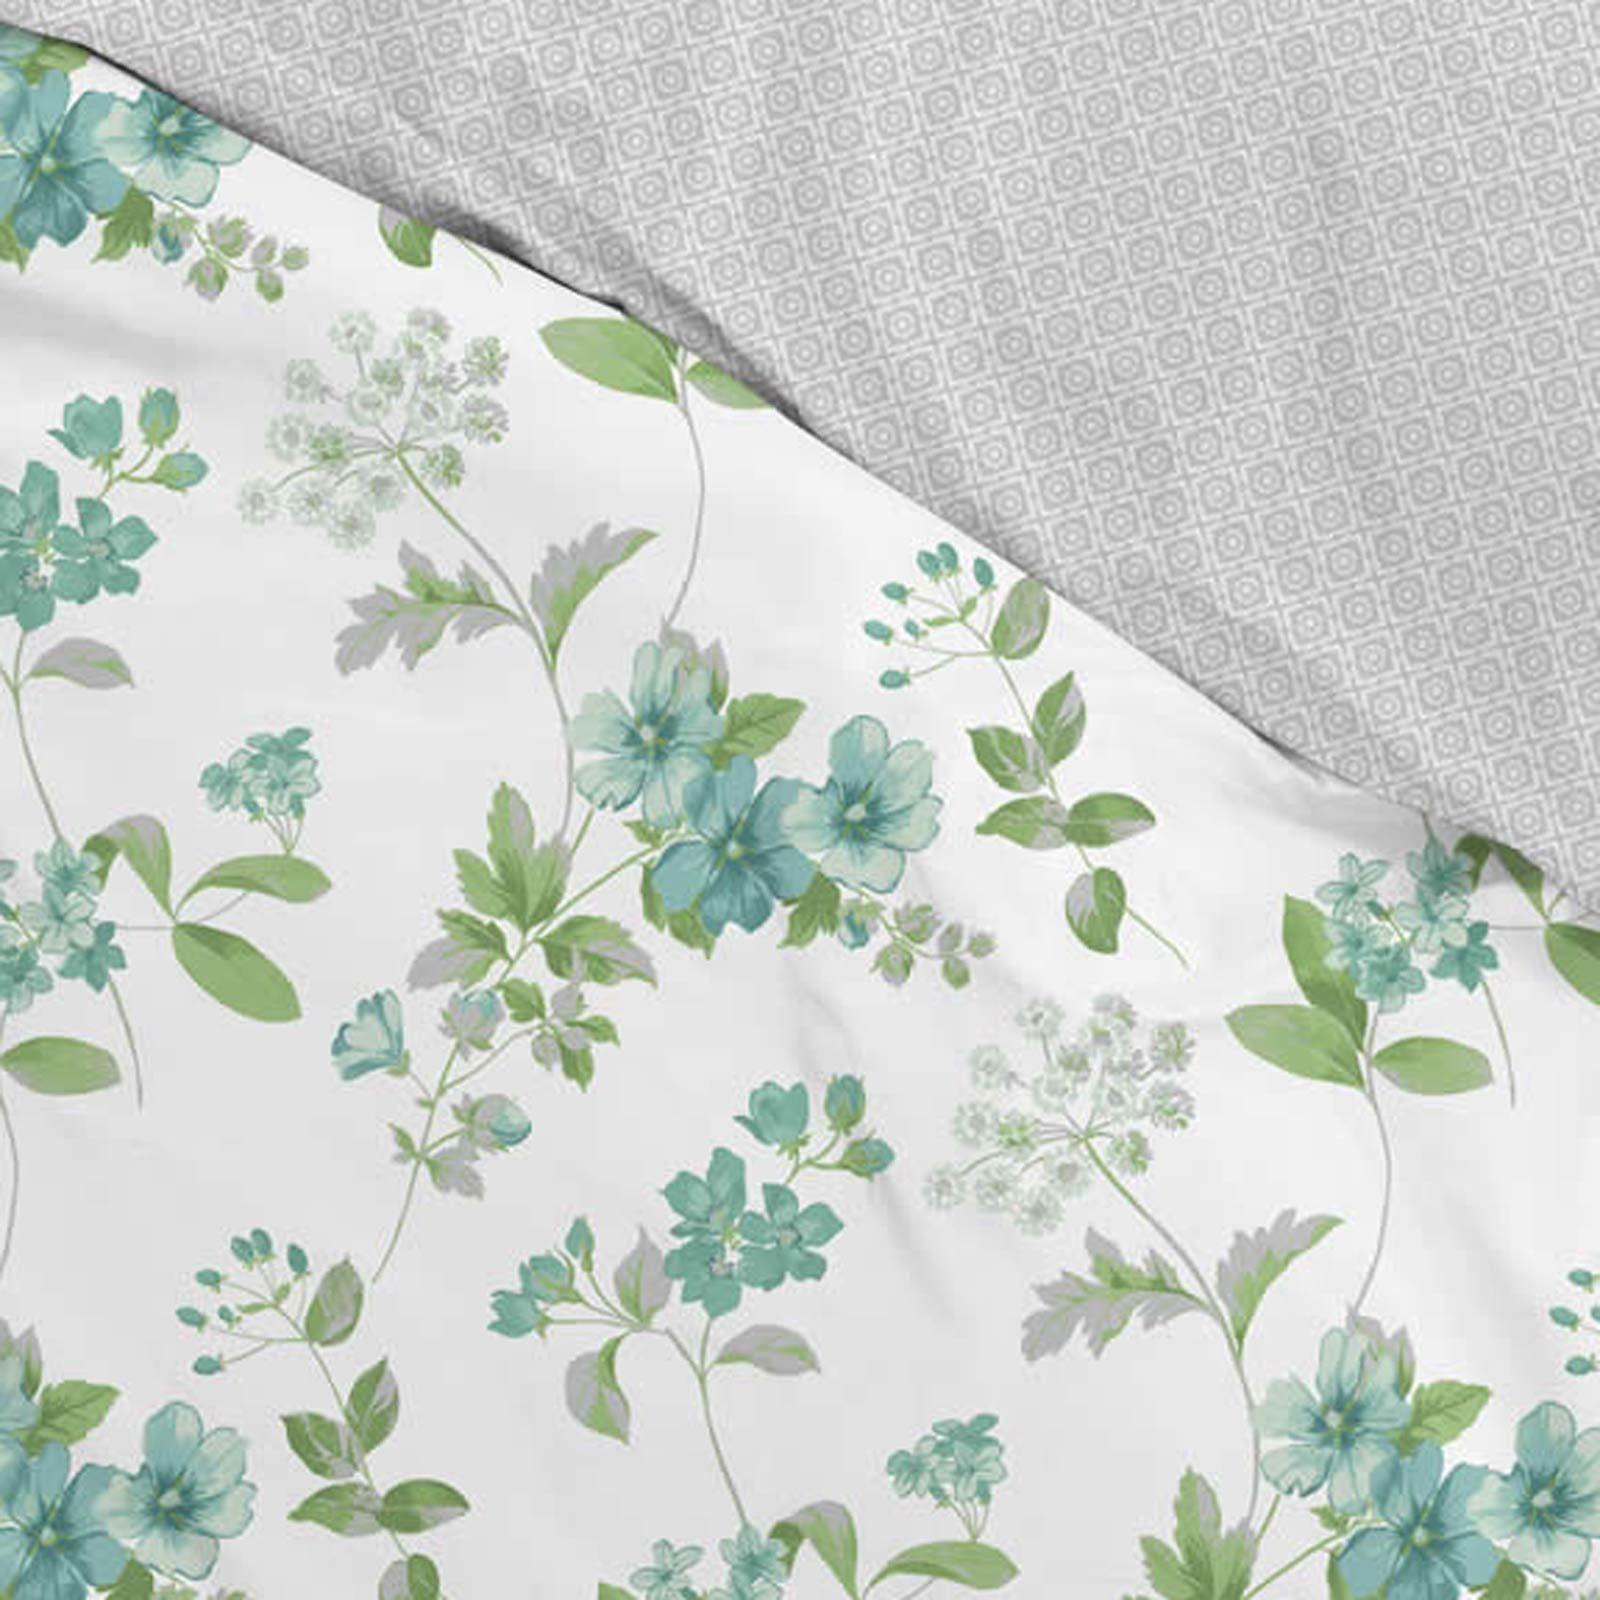 Floral-Fundas-nordicas-Lorena-Vintage-Estampado-De-Flores-conjuntos-de-ropa-de-cama-de-edredon-de miniatura 9